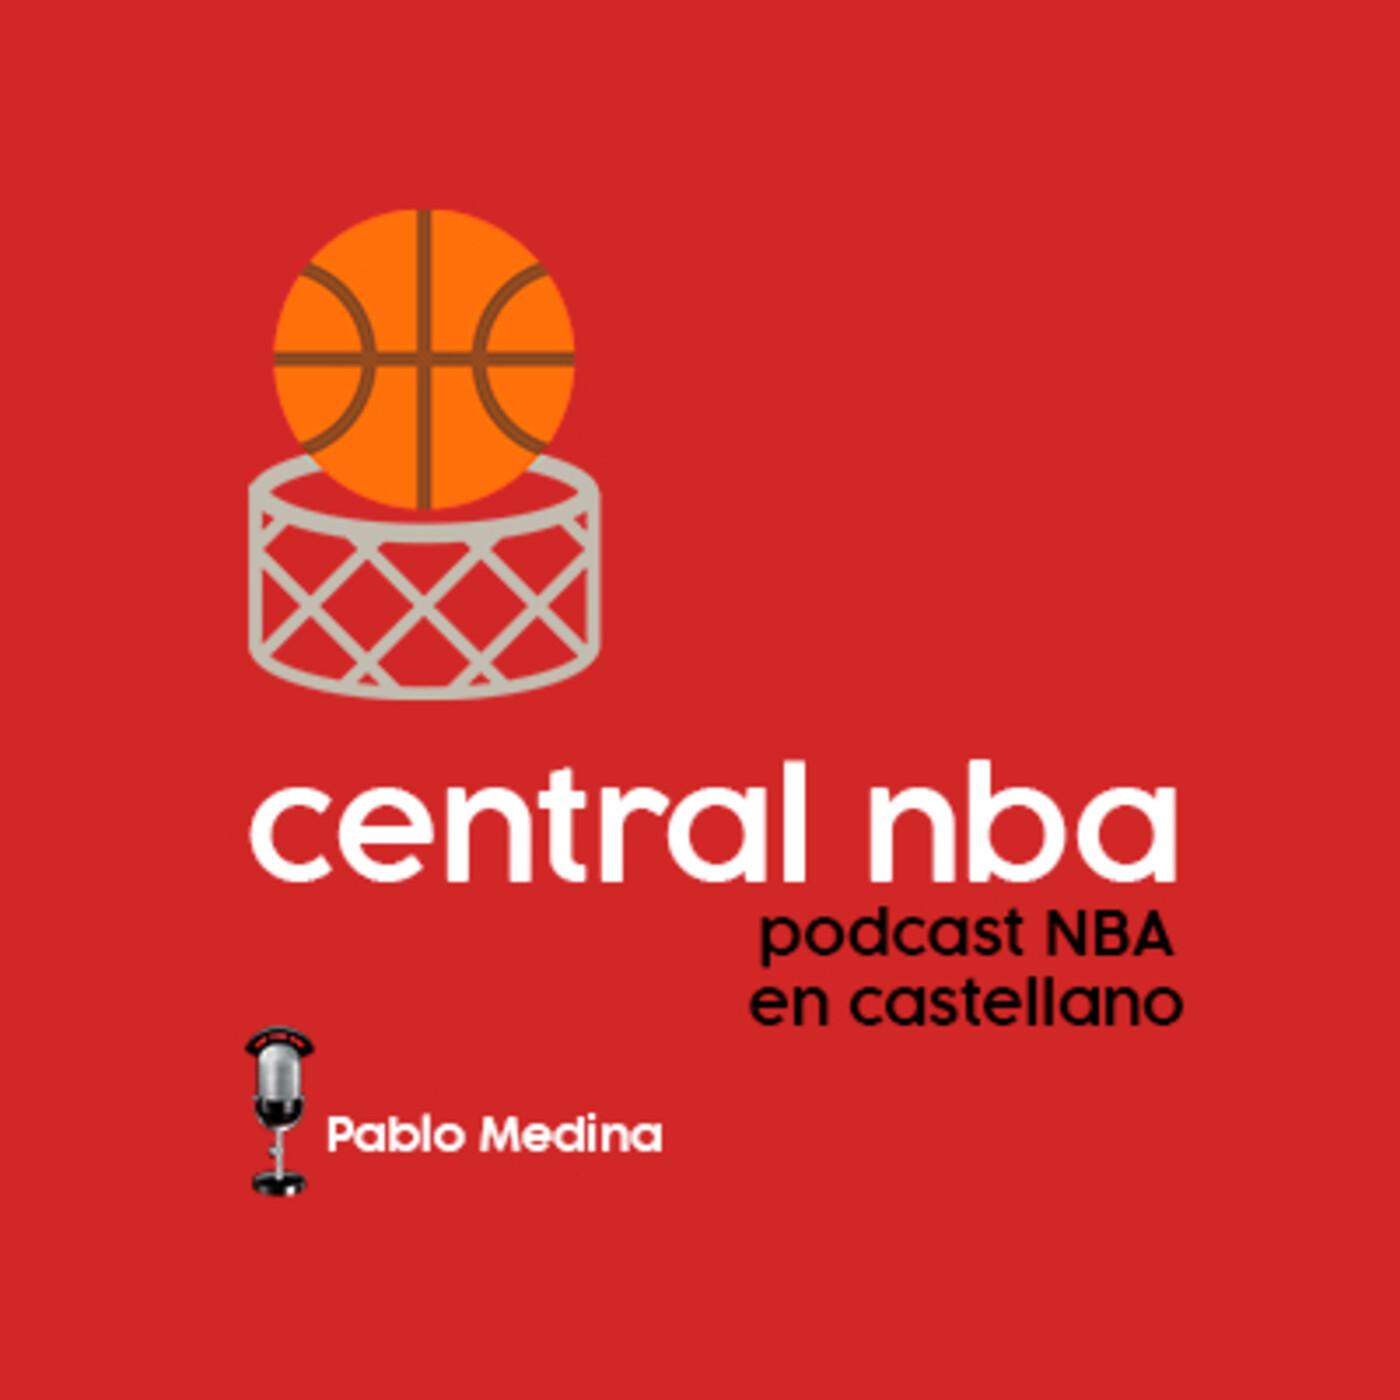 LOS NUGGETS SON FINALISTAS DE CONFERENCIA y FRACASO HISTÓRICO DE LOS CLIPPERS - CENTRAL NBA #35 (16/09/2020)